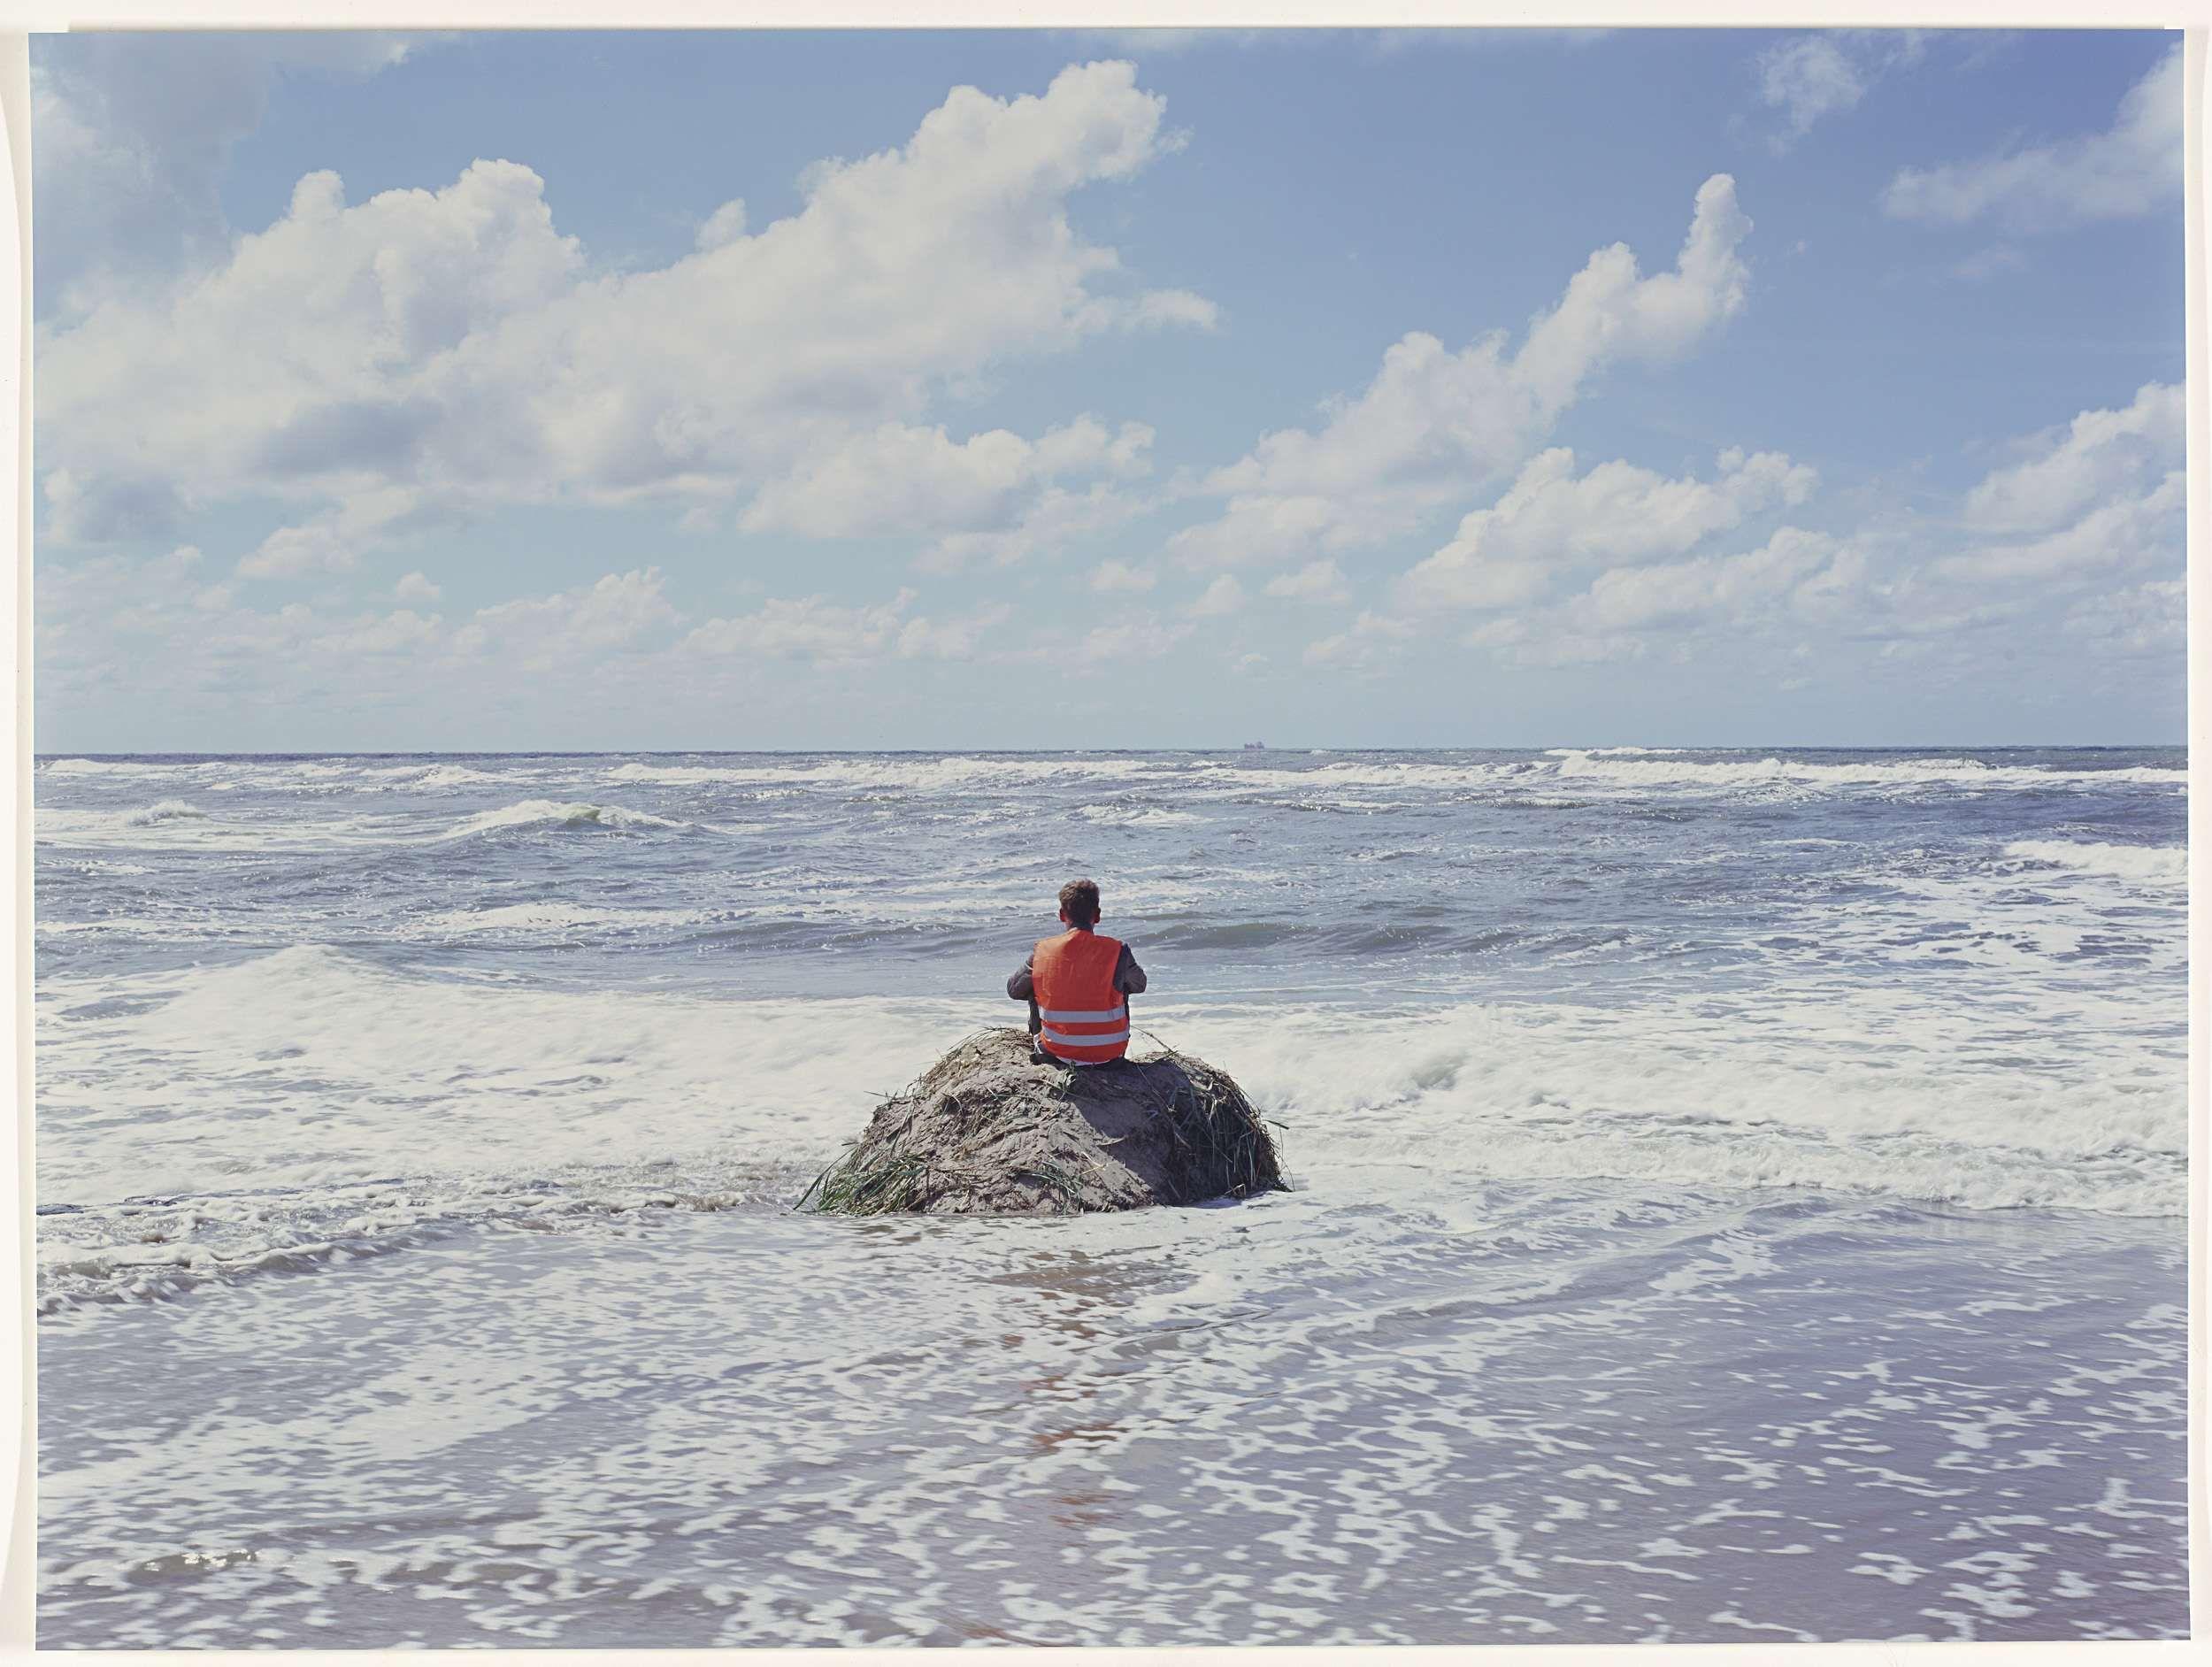 De stijgende zee, Marnix Goossens, Grieger GmbH   Co. KG, 2008